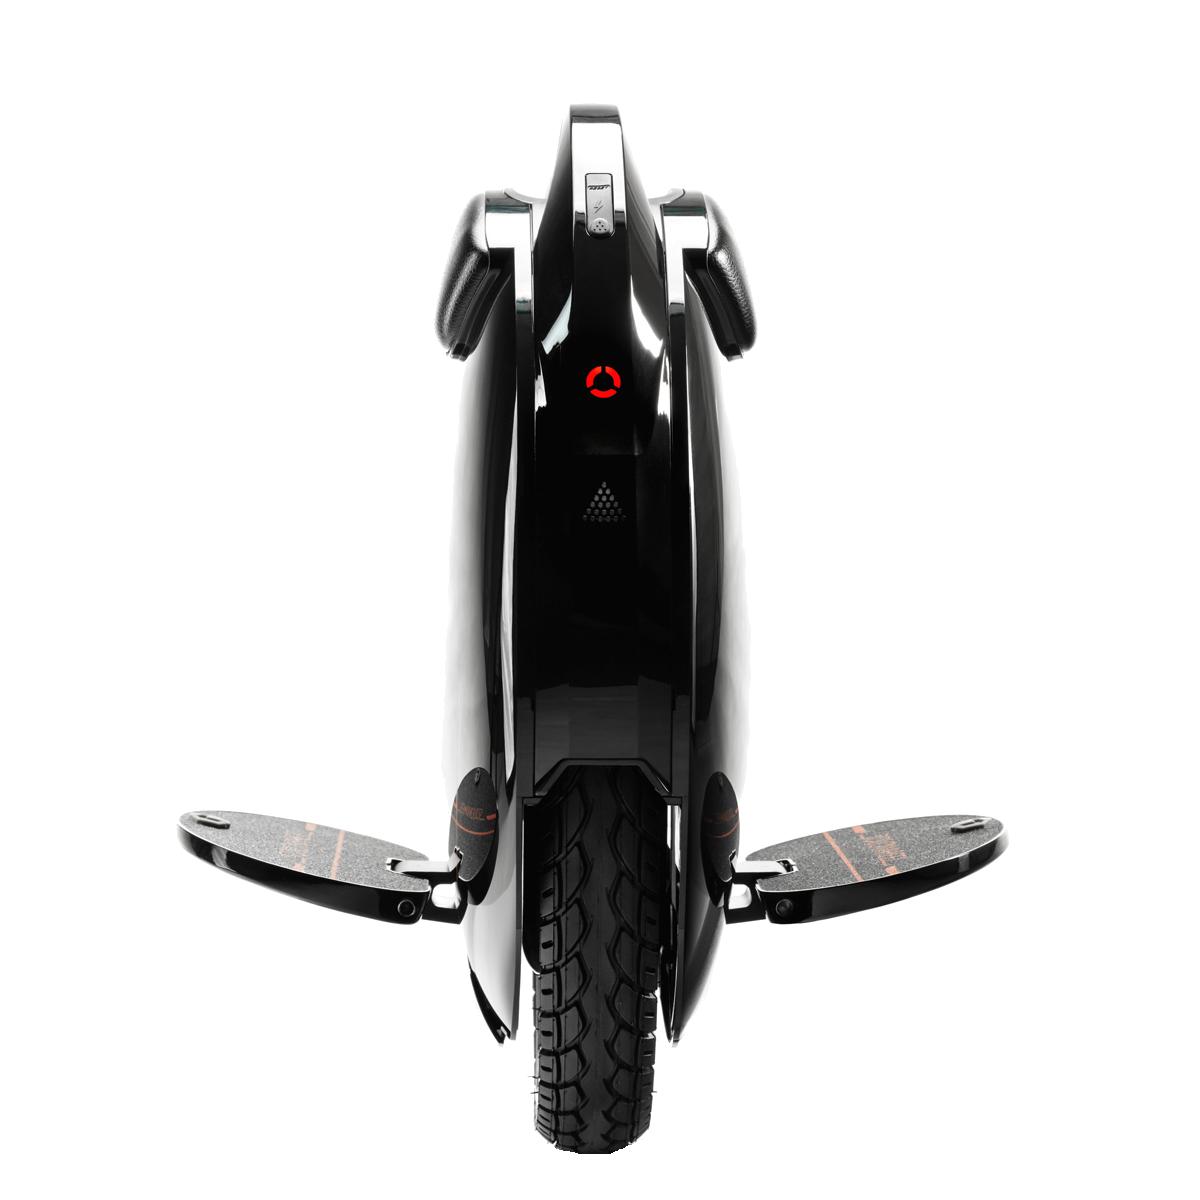 Solowheel Glide 2 - Shop Now